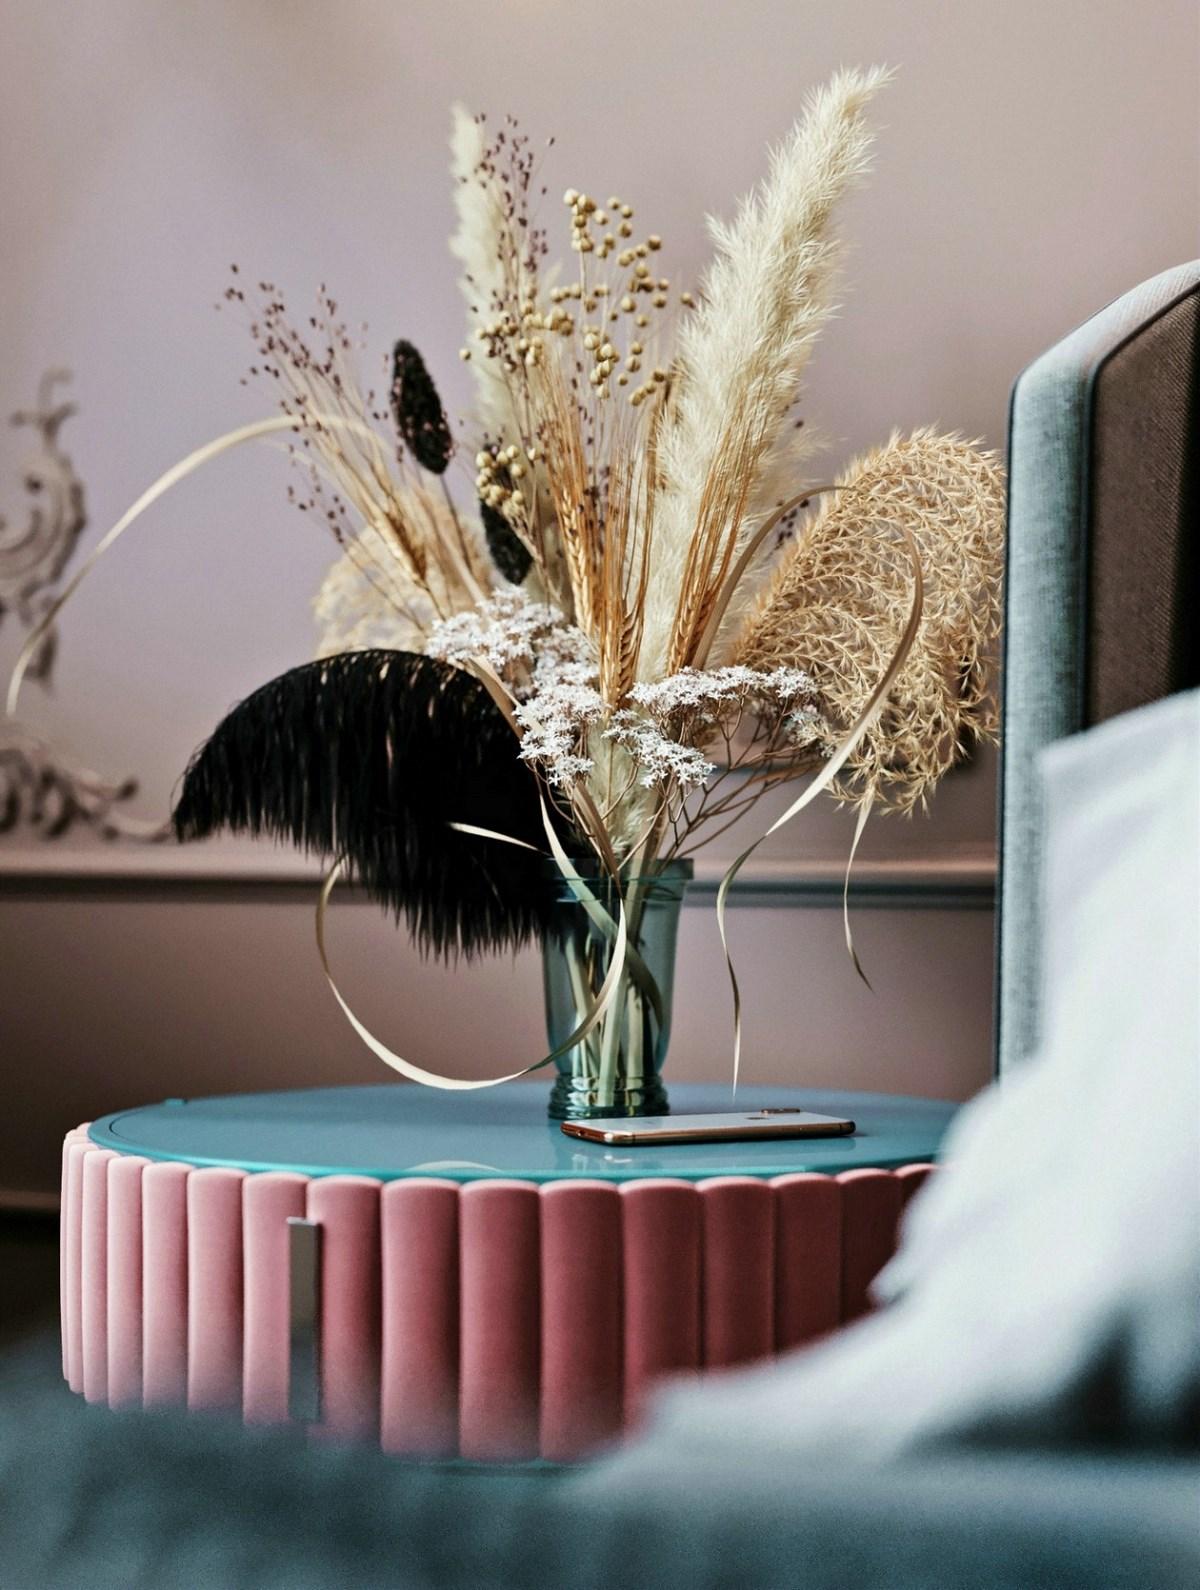 色彩的魅力,让生活更具艺术品味的浪漫!